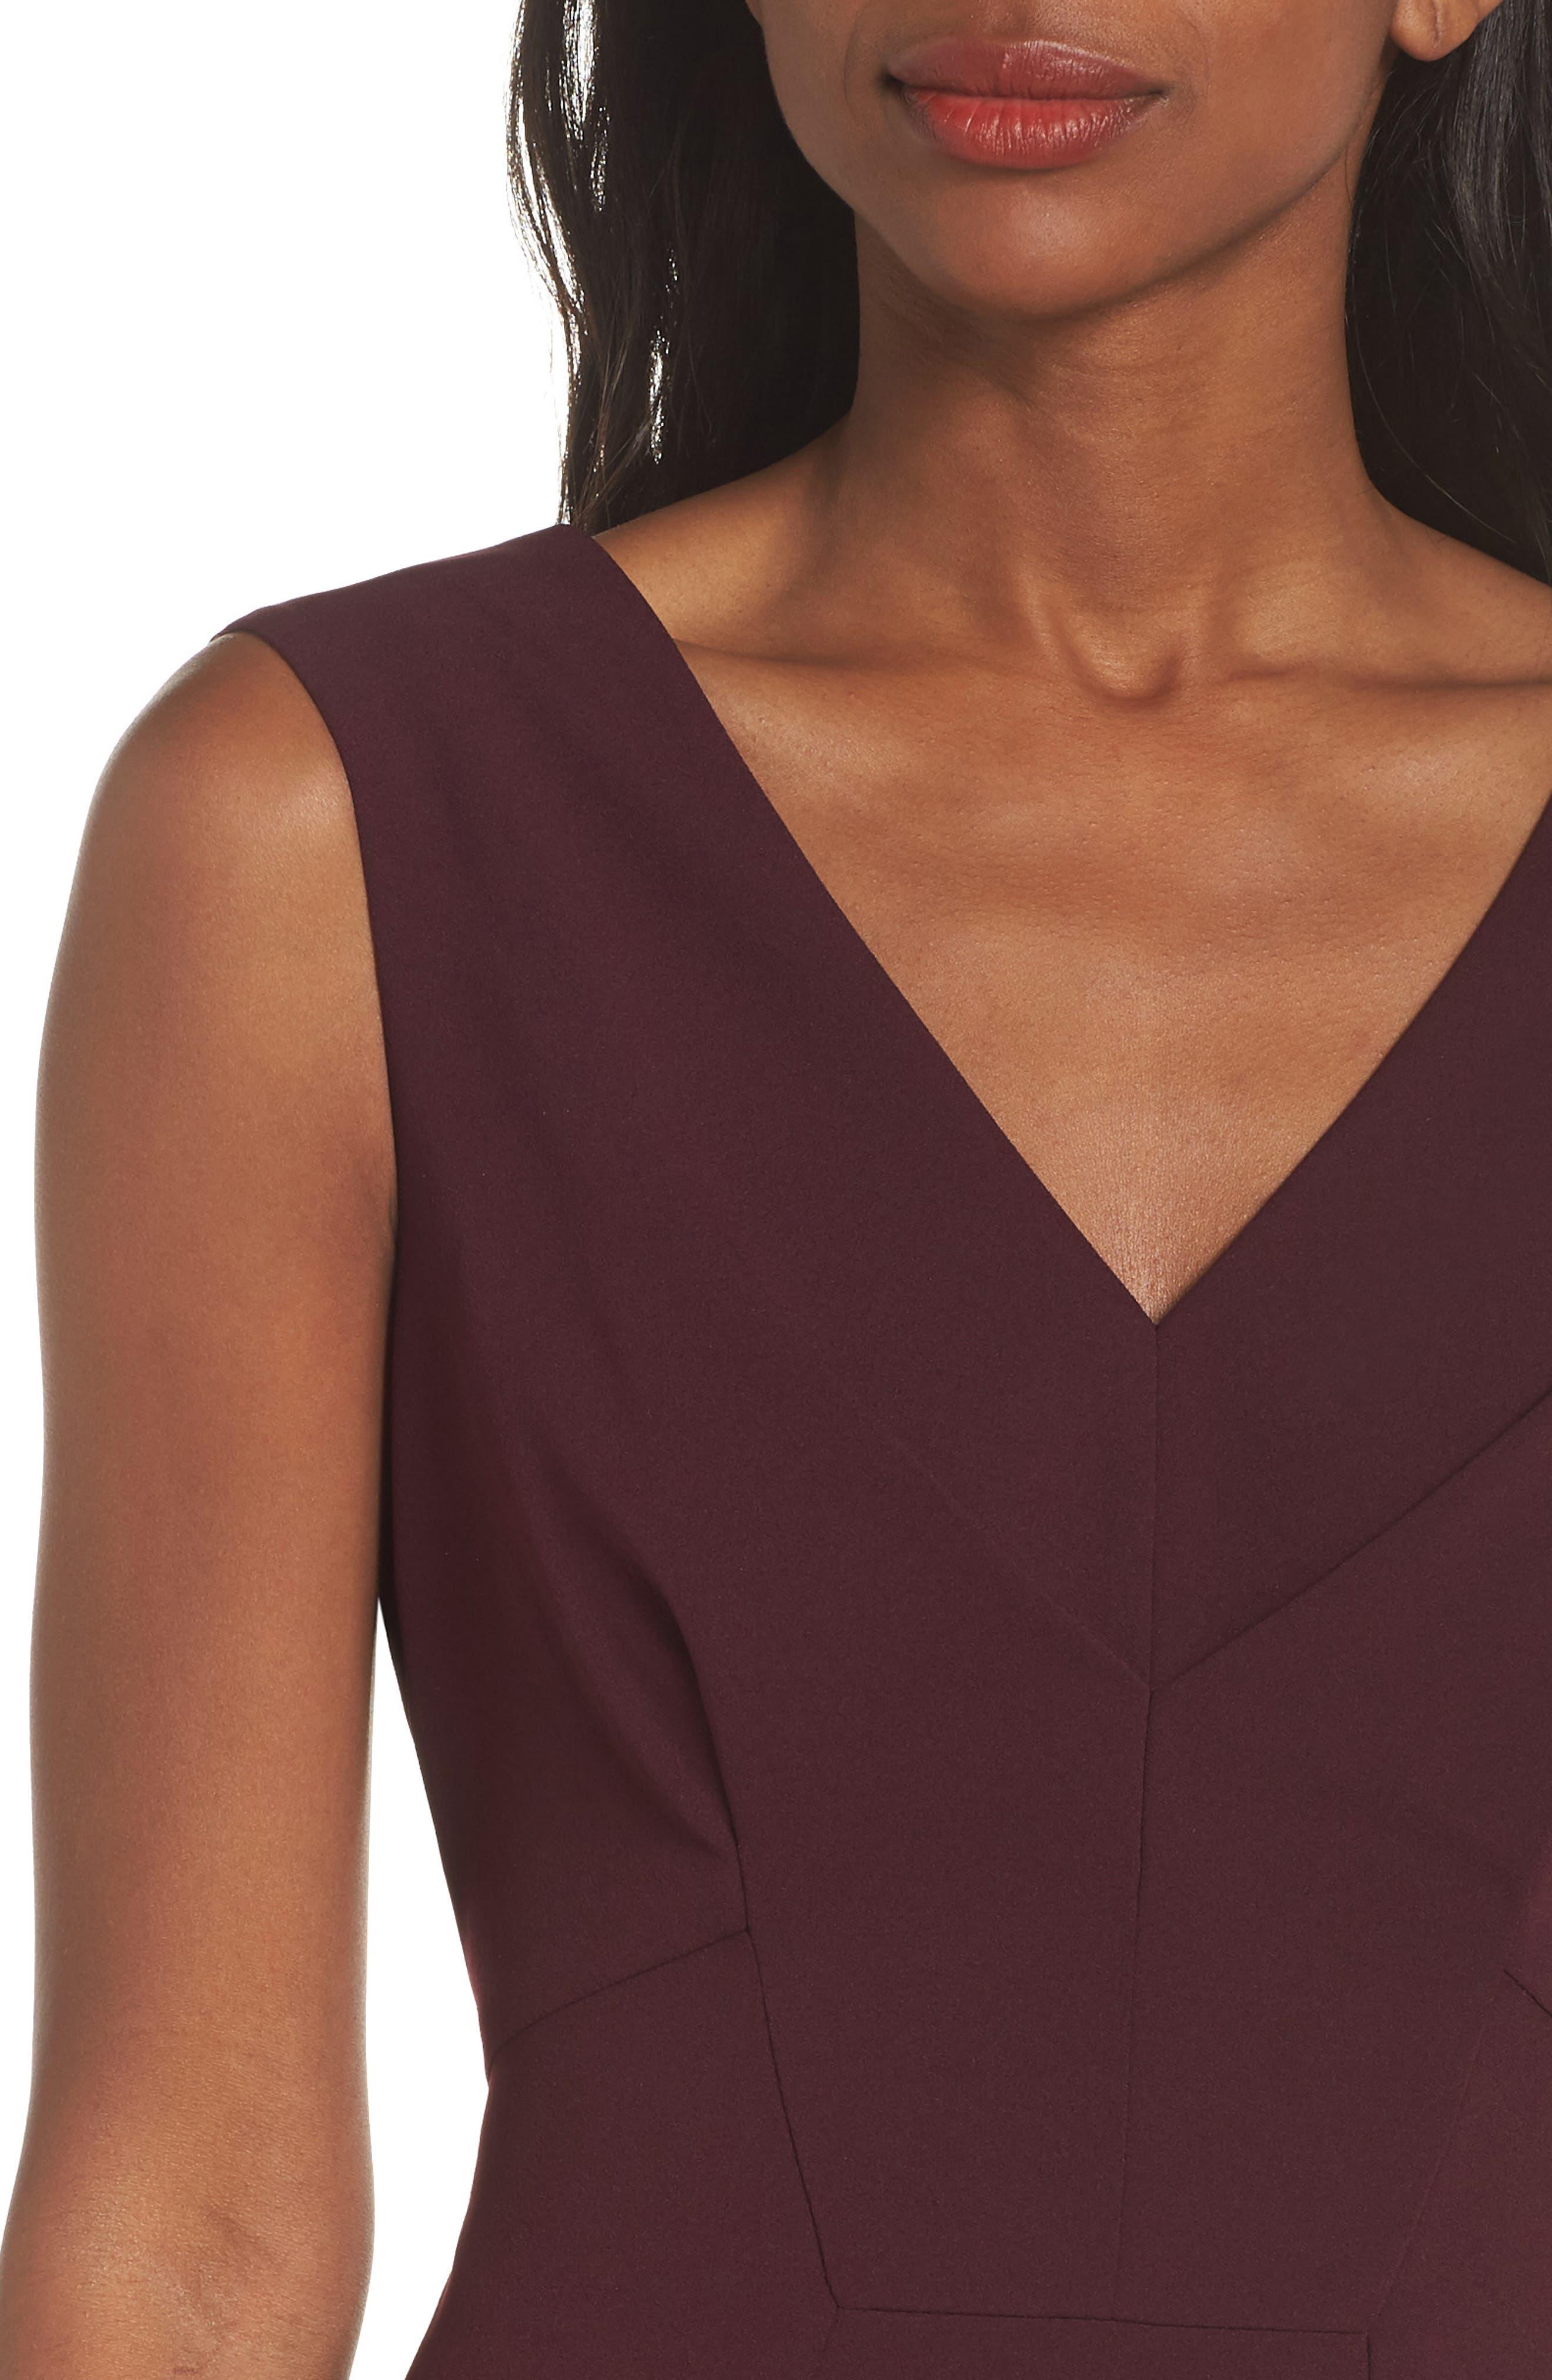 Ava Gardner Sheath Dress,                             Alternate thumbnail 4, color,                             930